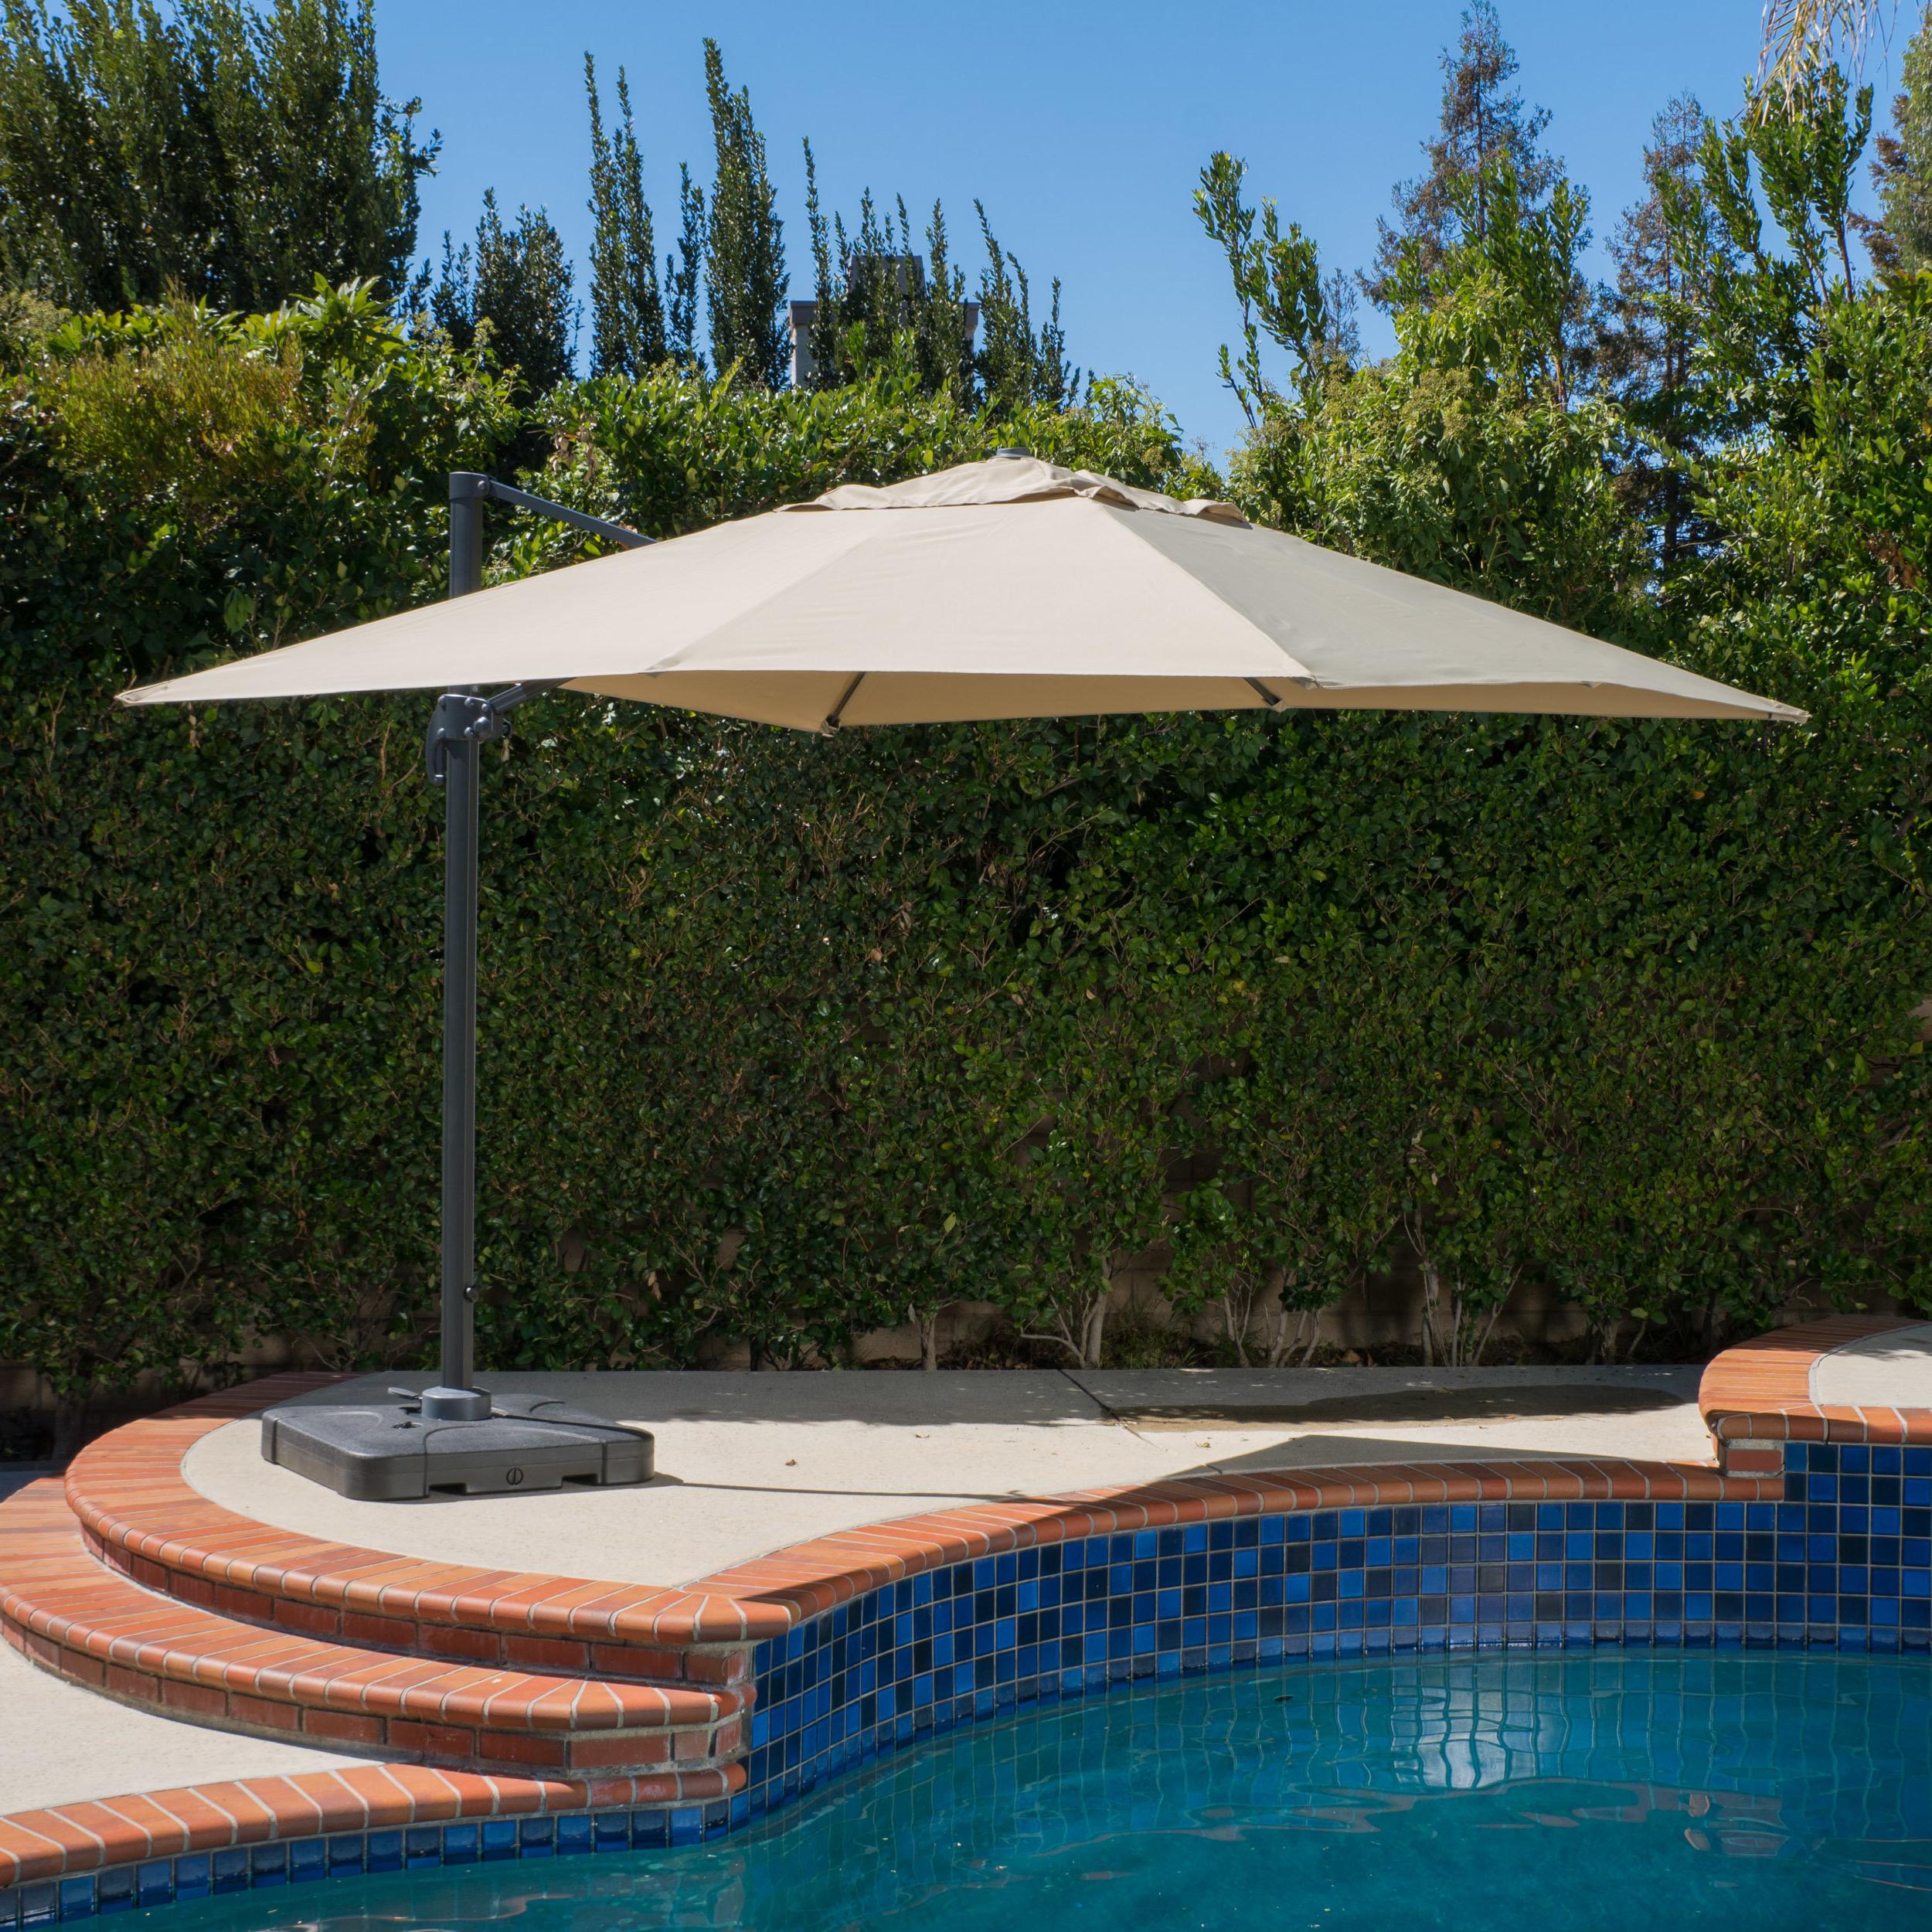 2019 Fazeley  Rectangular Cantilever Umbrellas For Frederick 10' Square Cantilever Umbrella (View 1 of 20)